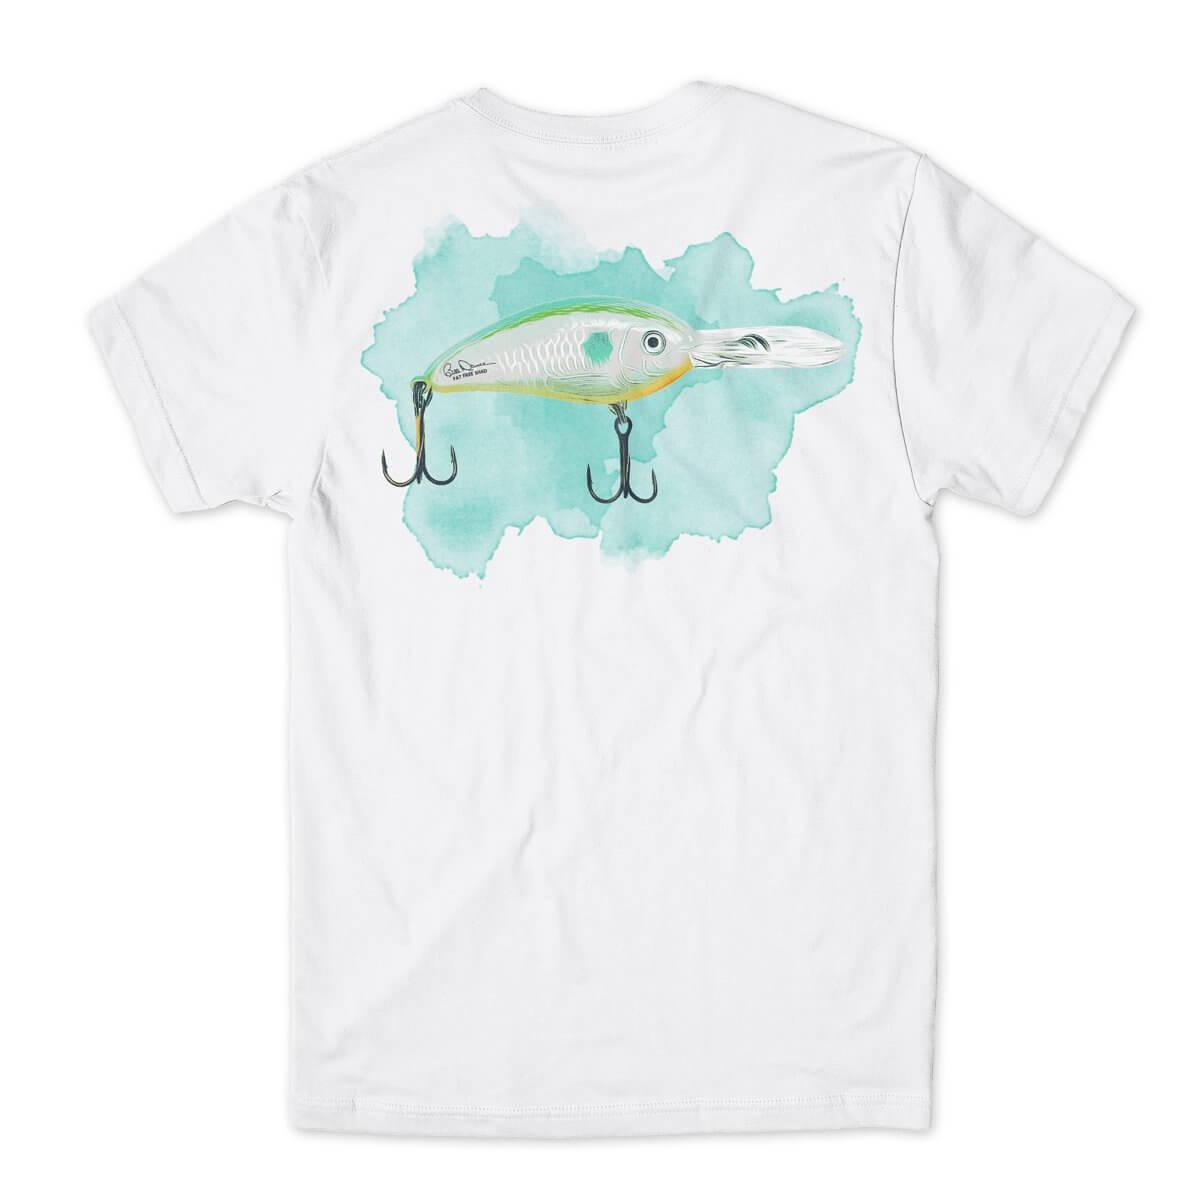 Bill Dance Lure T-shirt